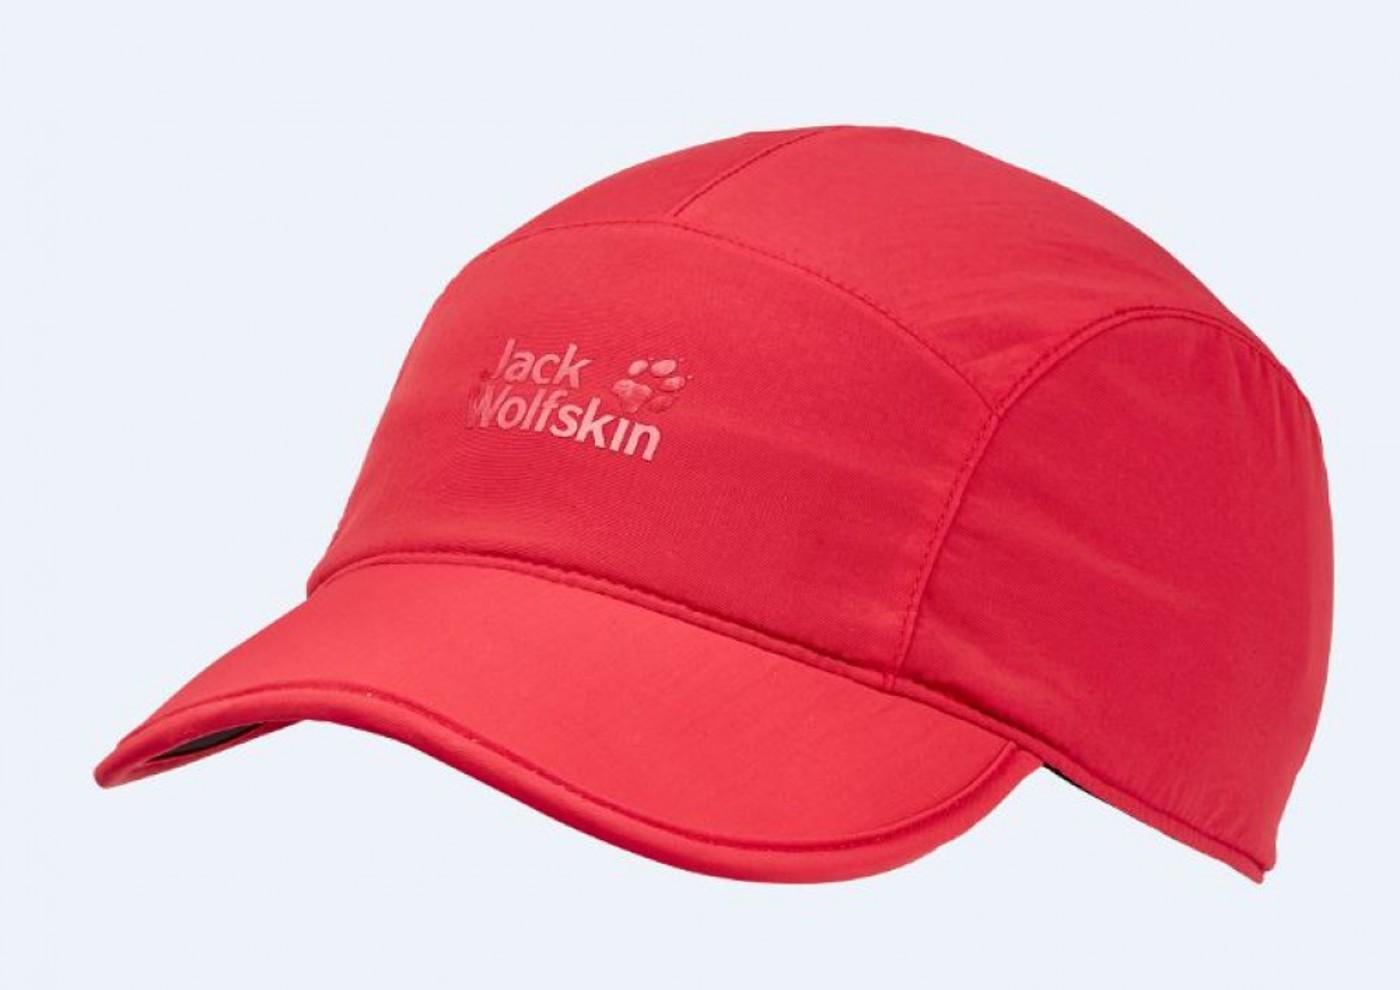 JACK WOLFSKIN SUPPLEX ROAD TRIP CAP